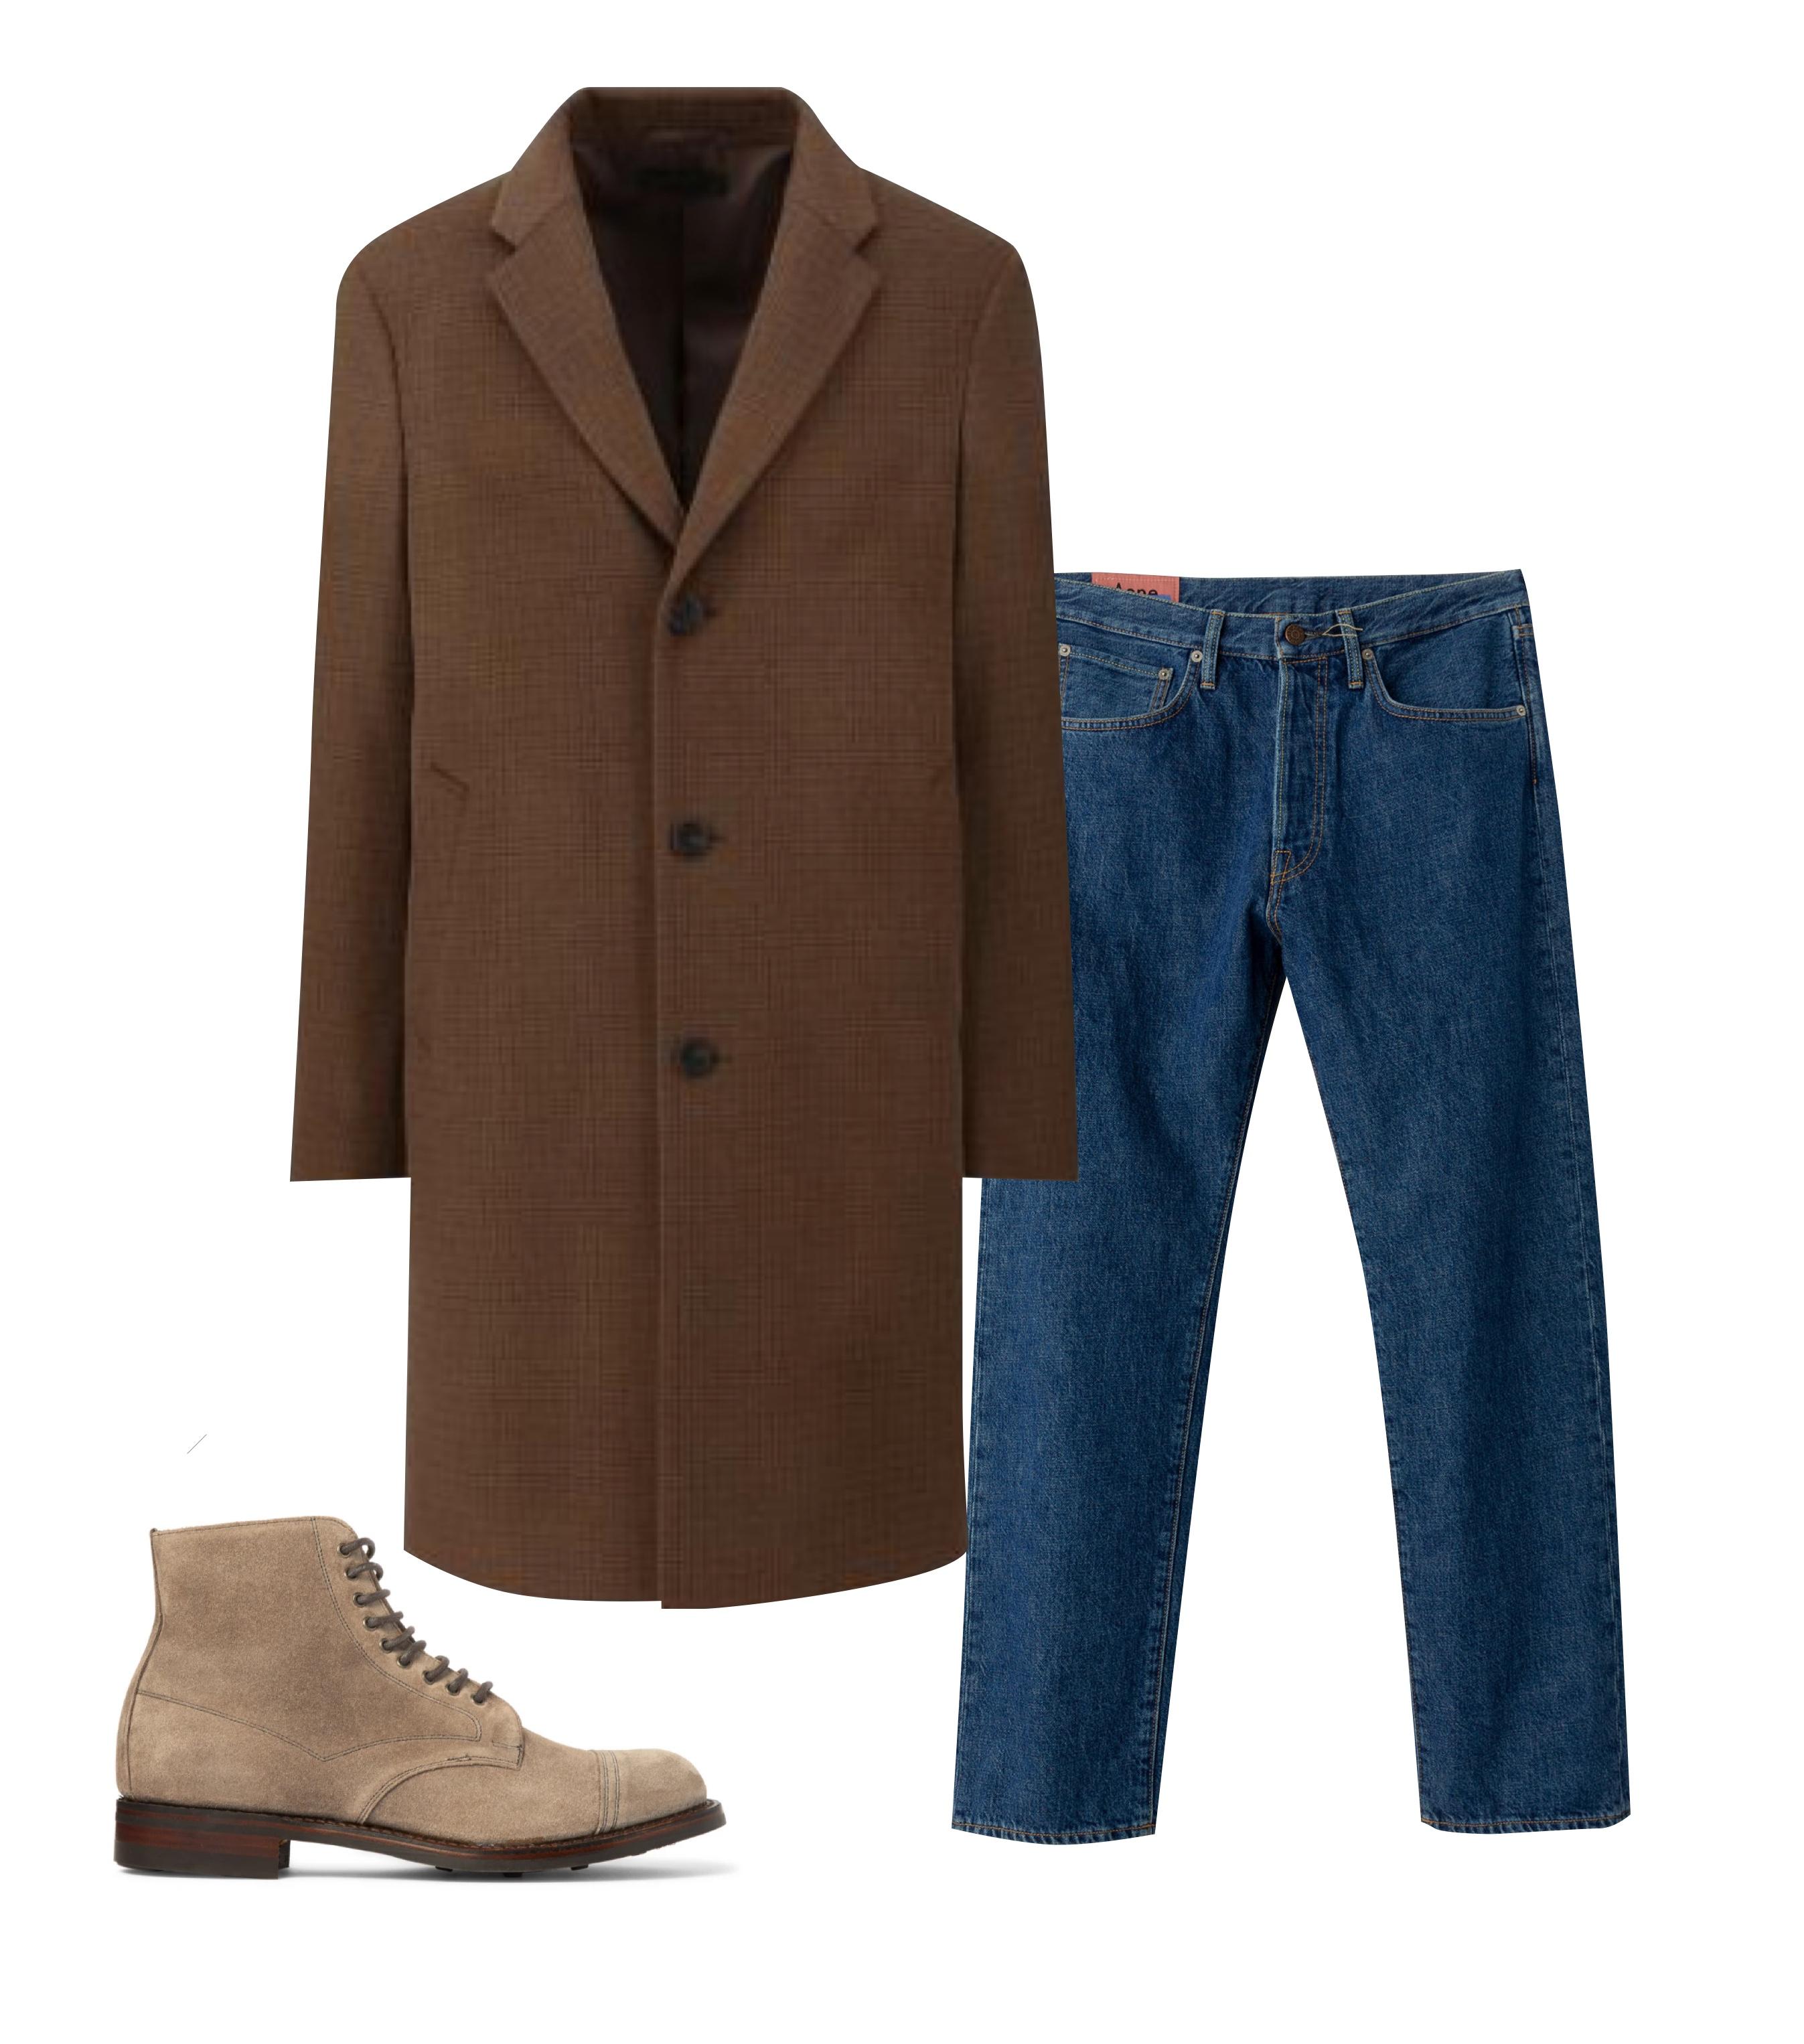 Джинсы Acne Studios, $310; пальто Uniqlo, 7999 рублей; обувь Cheaney, €345